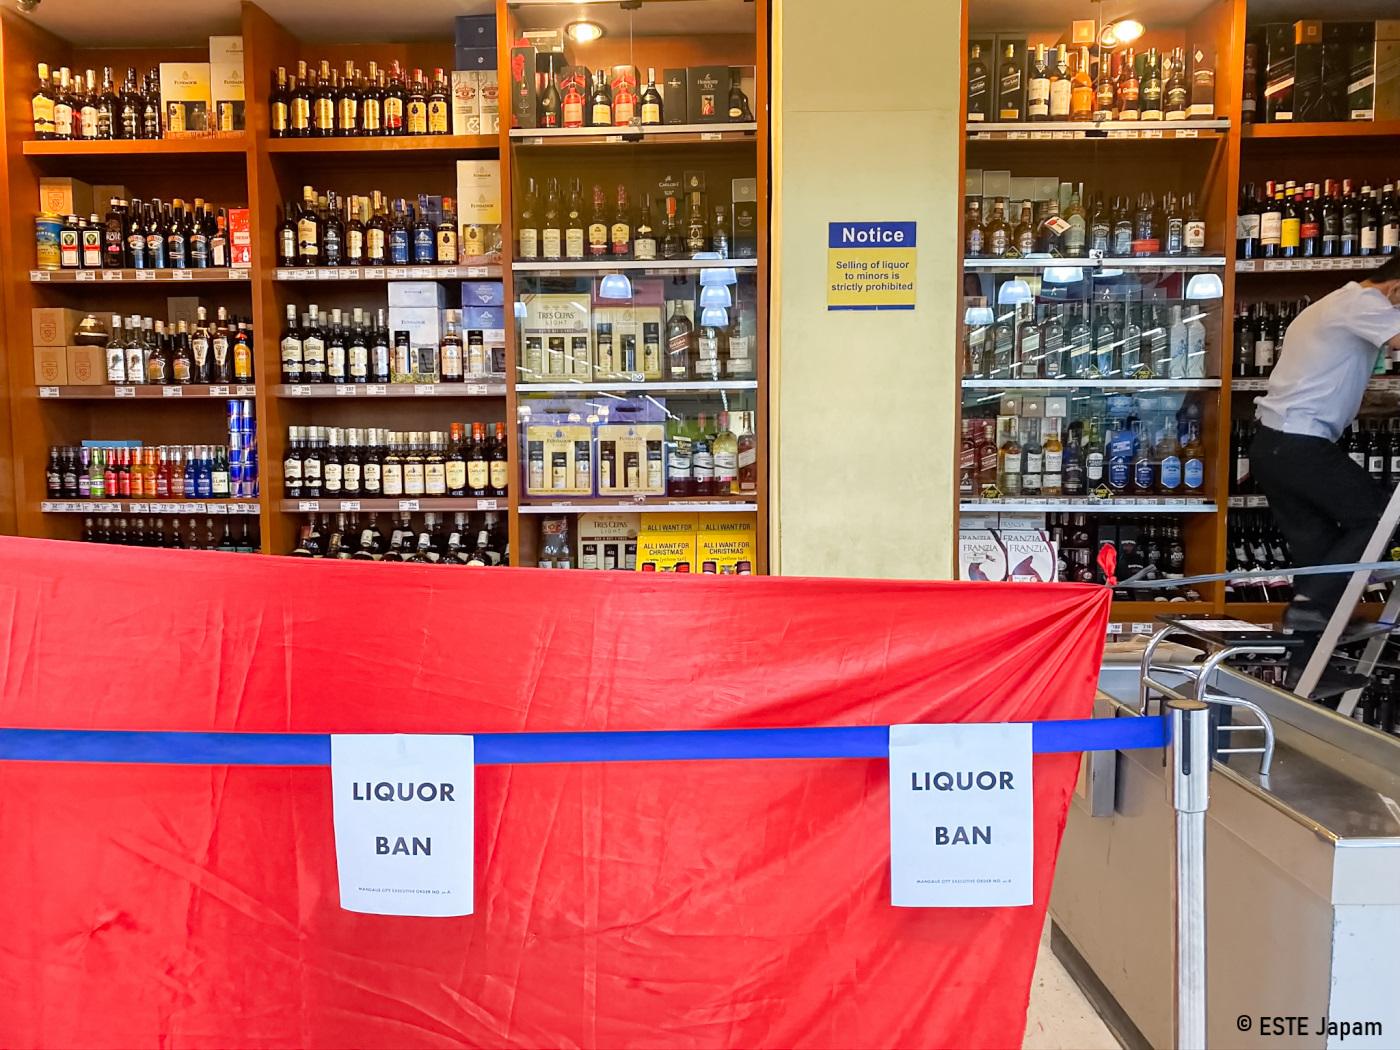 首都封鎖に伴いアルコール販売禁止の様子